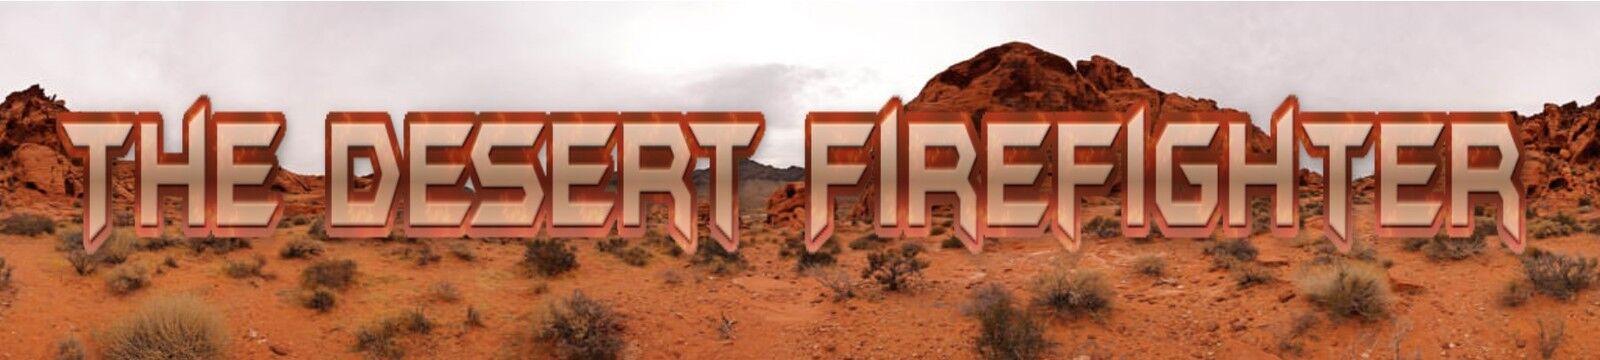 The Desert Firefighter